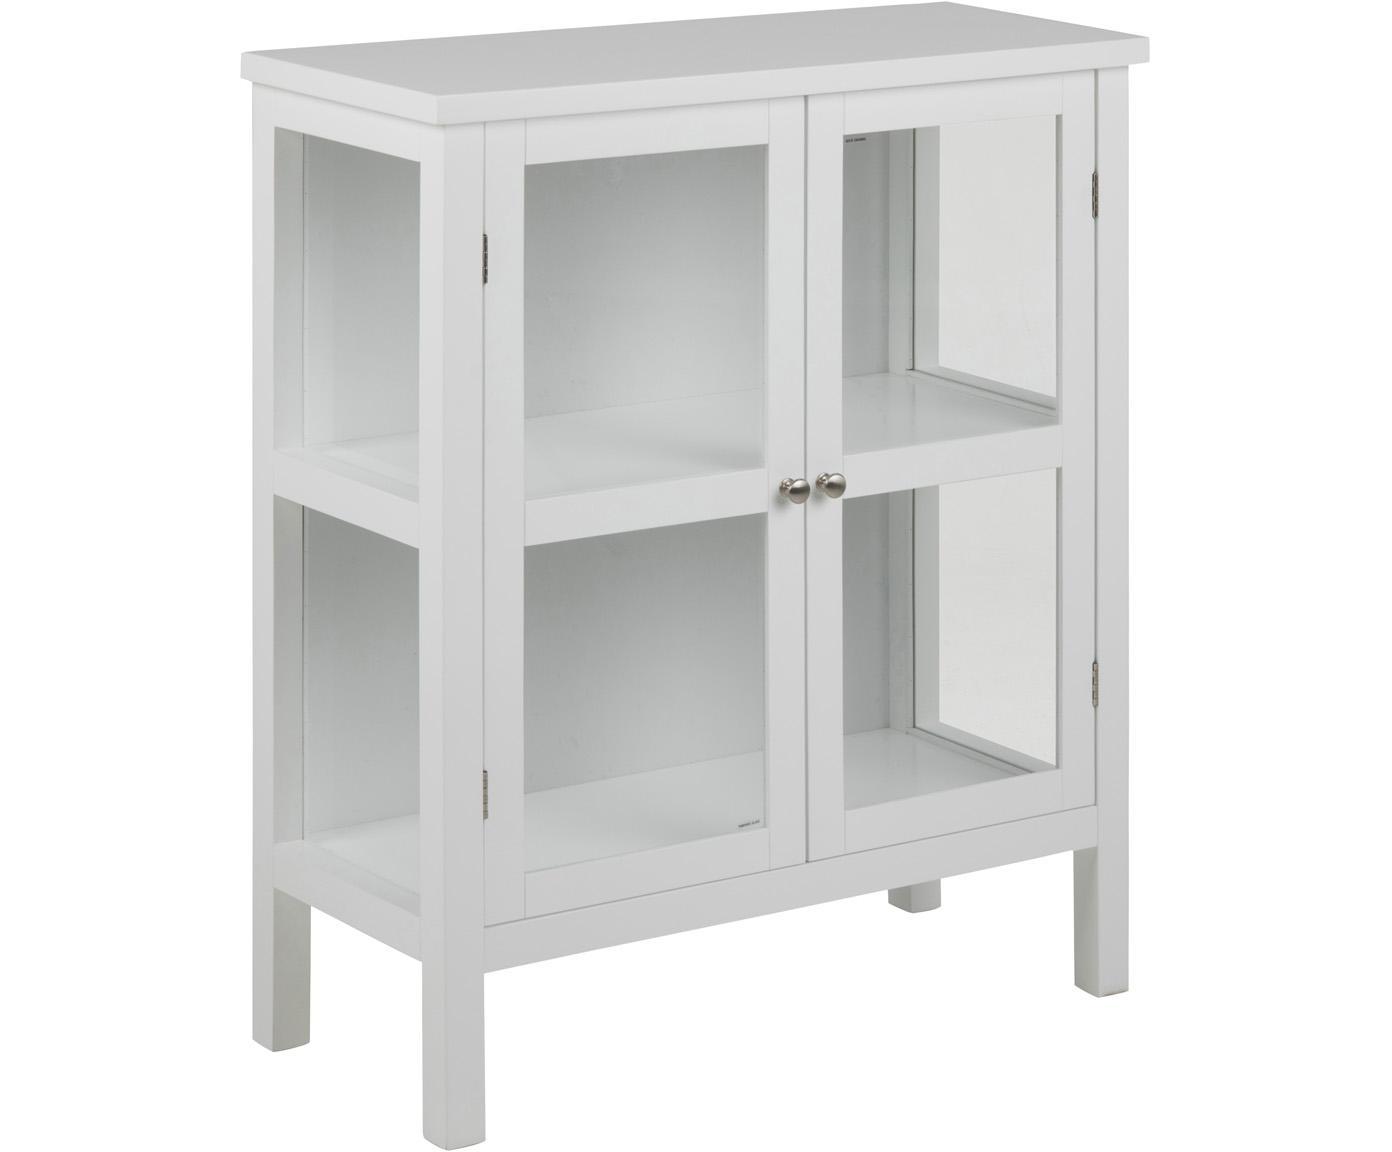 Vitrinekast Eton met houten frame, Frame: gelakt MDF, Wit, 80 x 100 cm